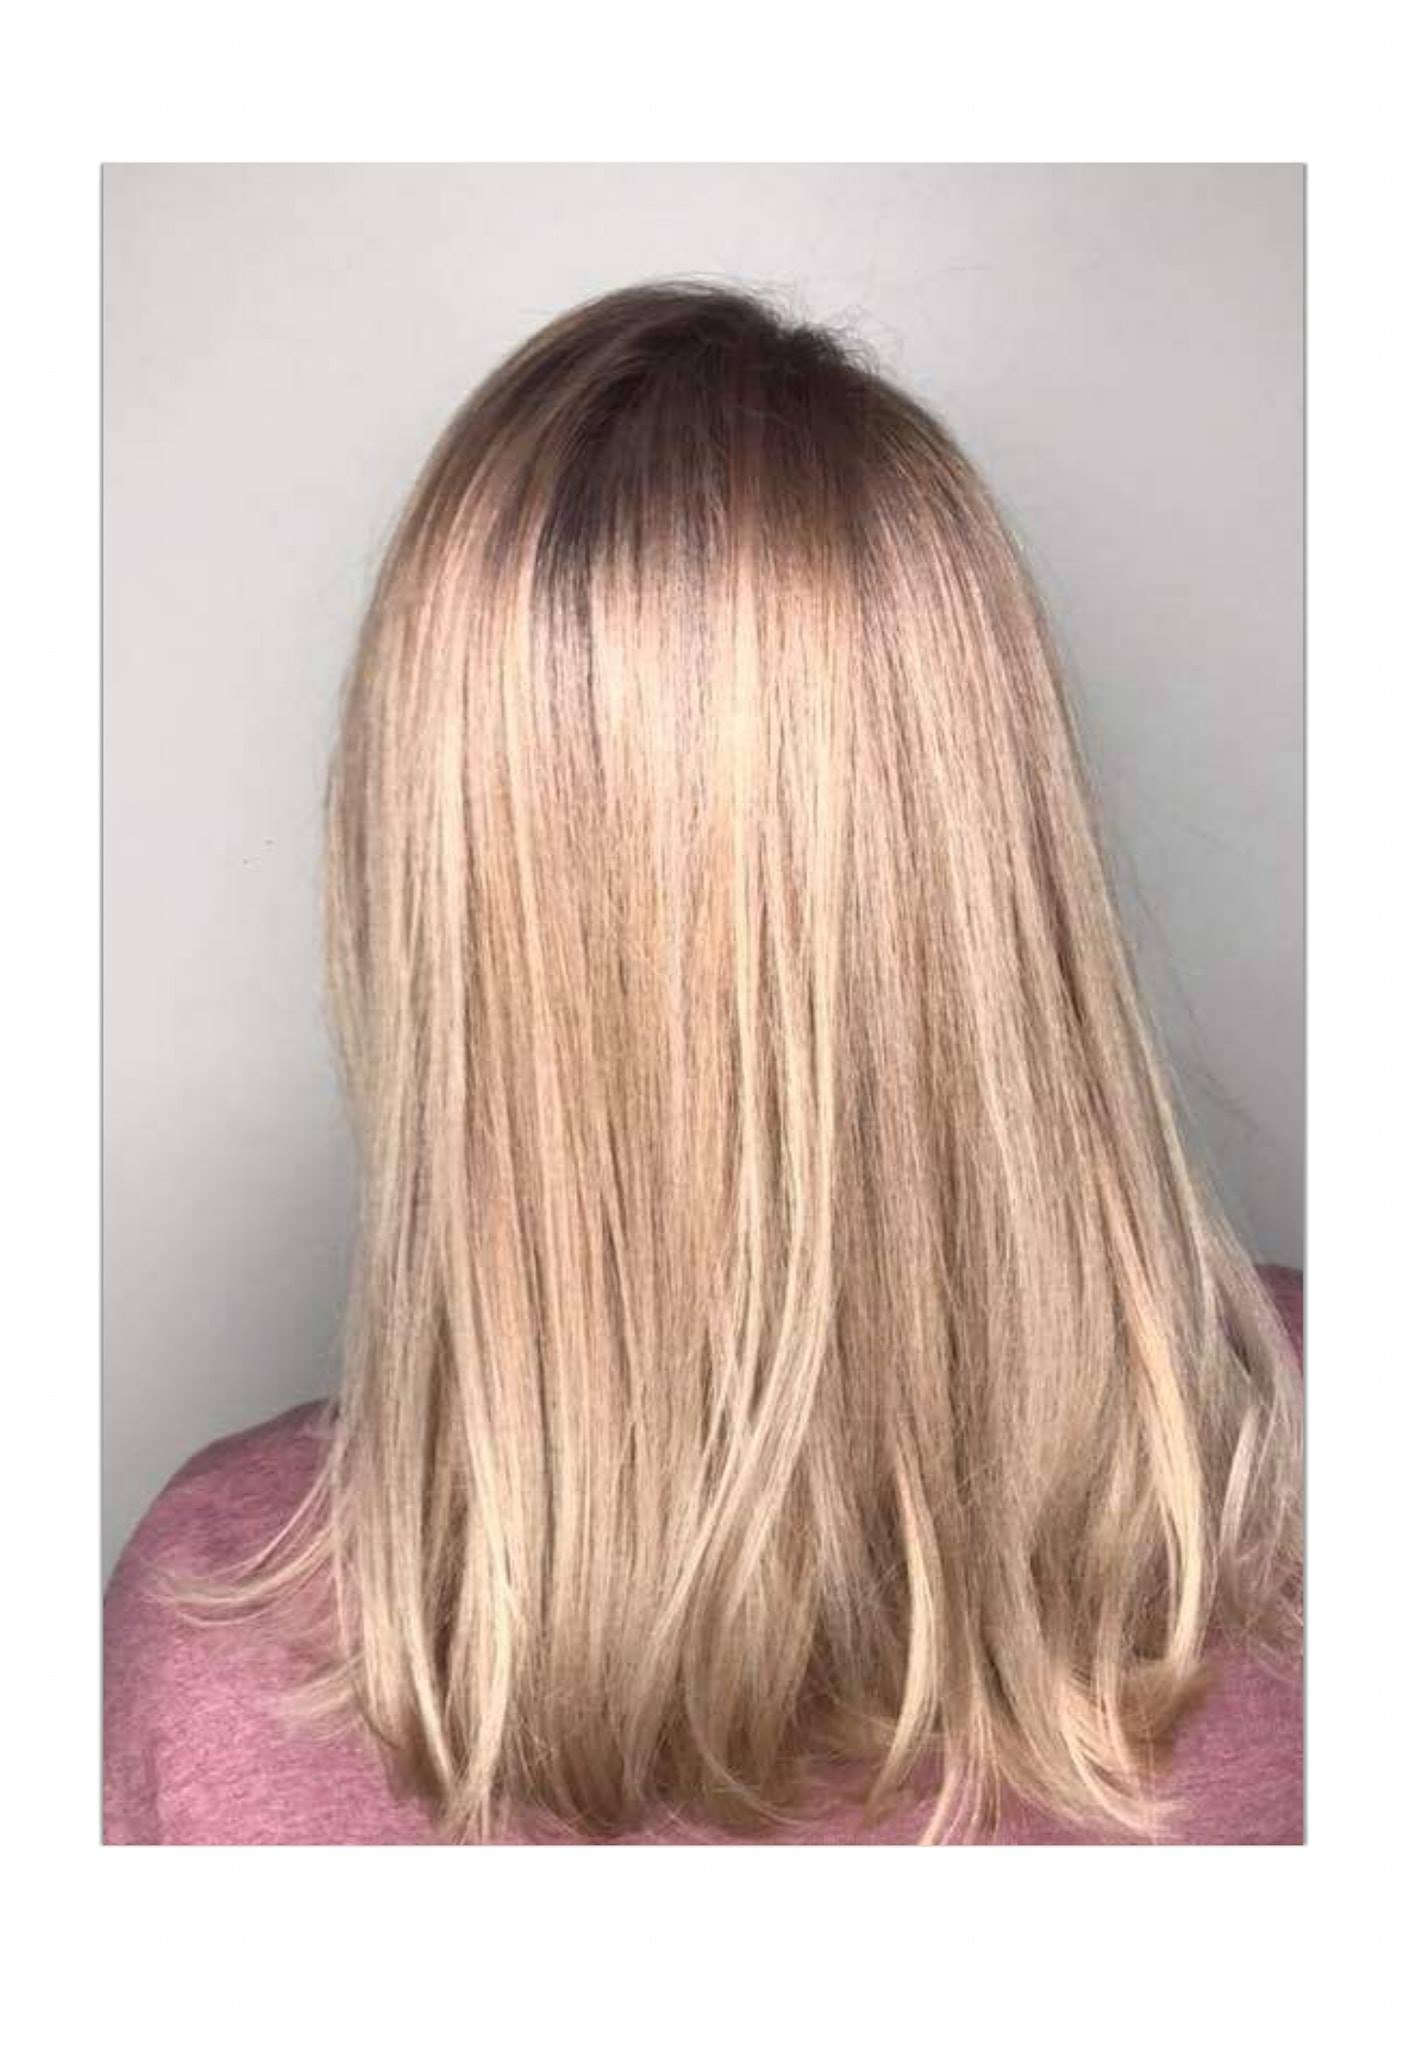 zdjęcia pochodzą z albumu Chmiest Academy of Hair Design